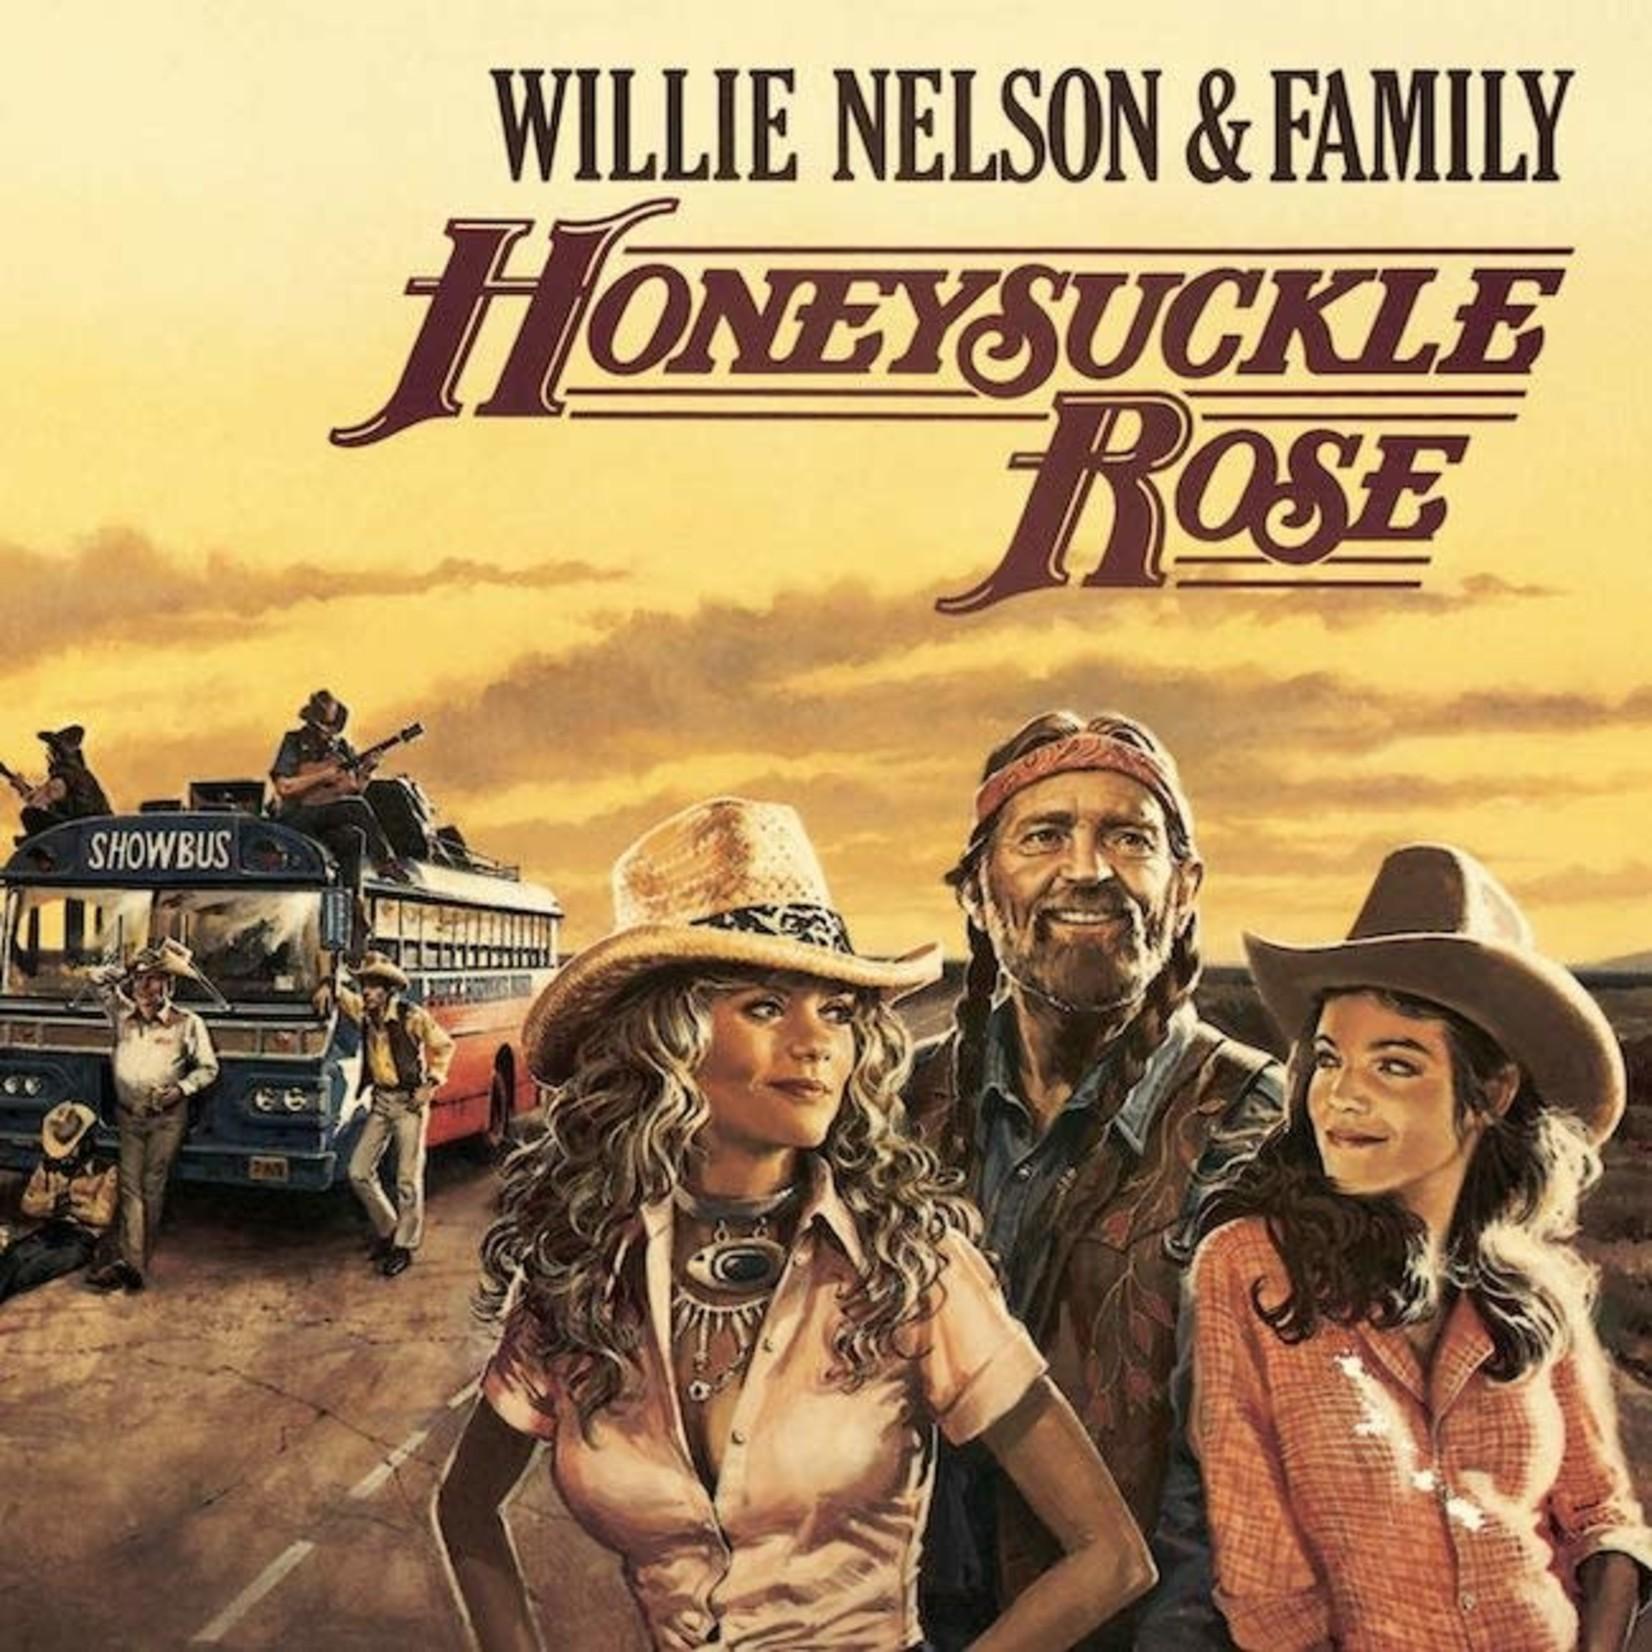 [Vintage] Nelson, Willie & Family: Honeysuckle Rose